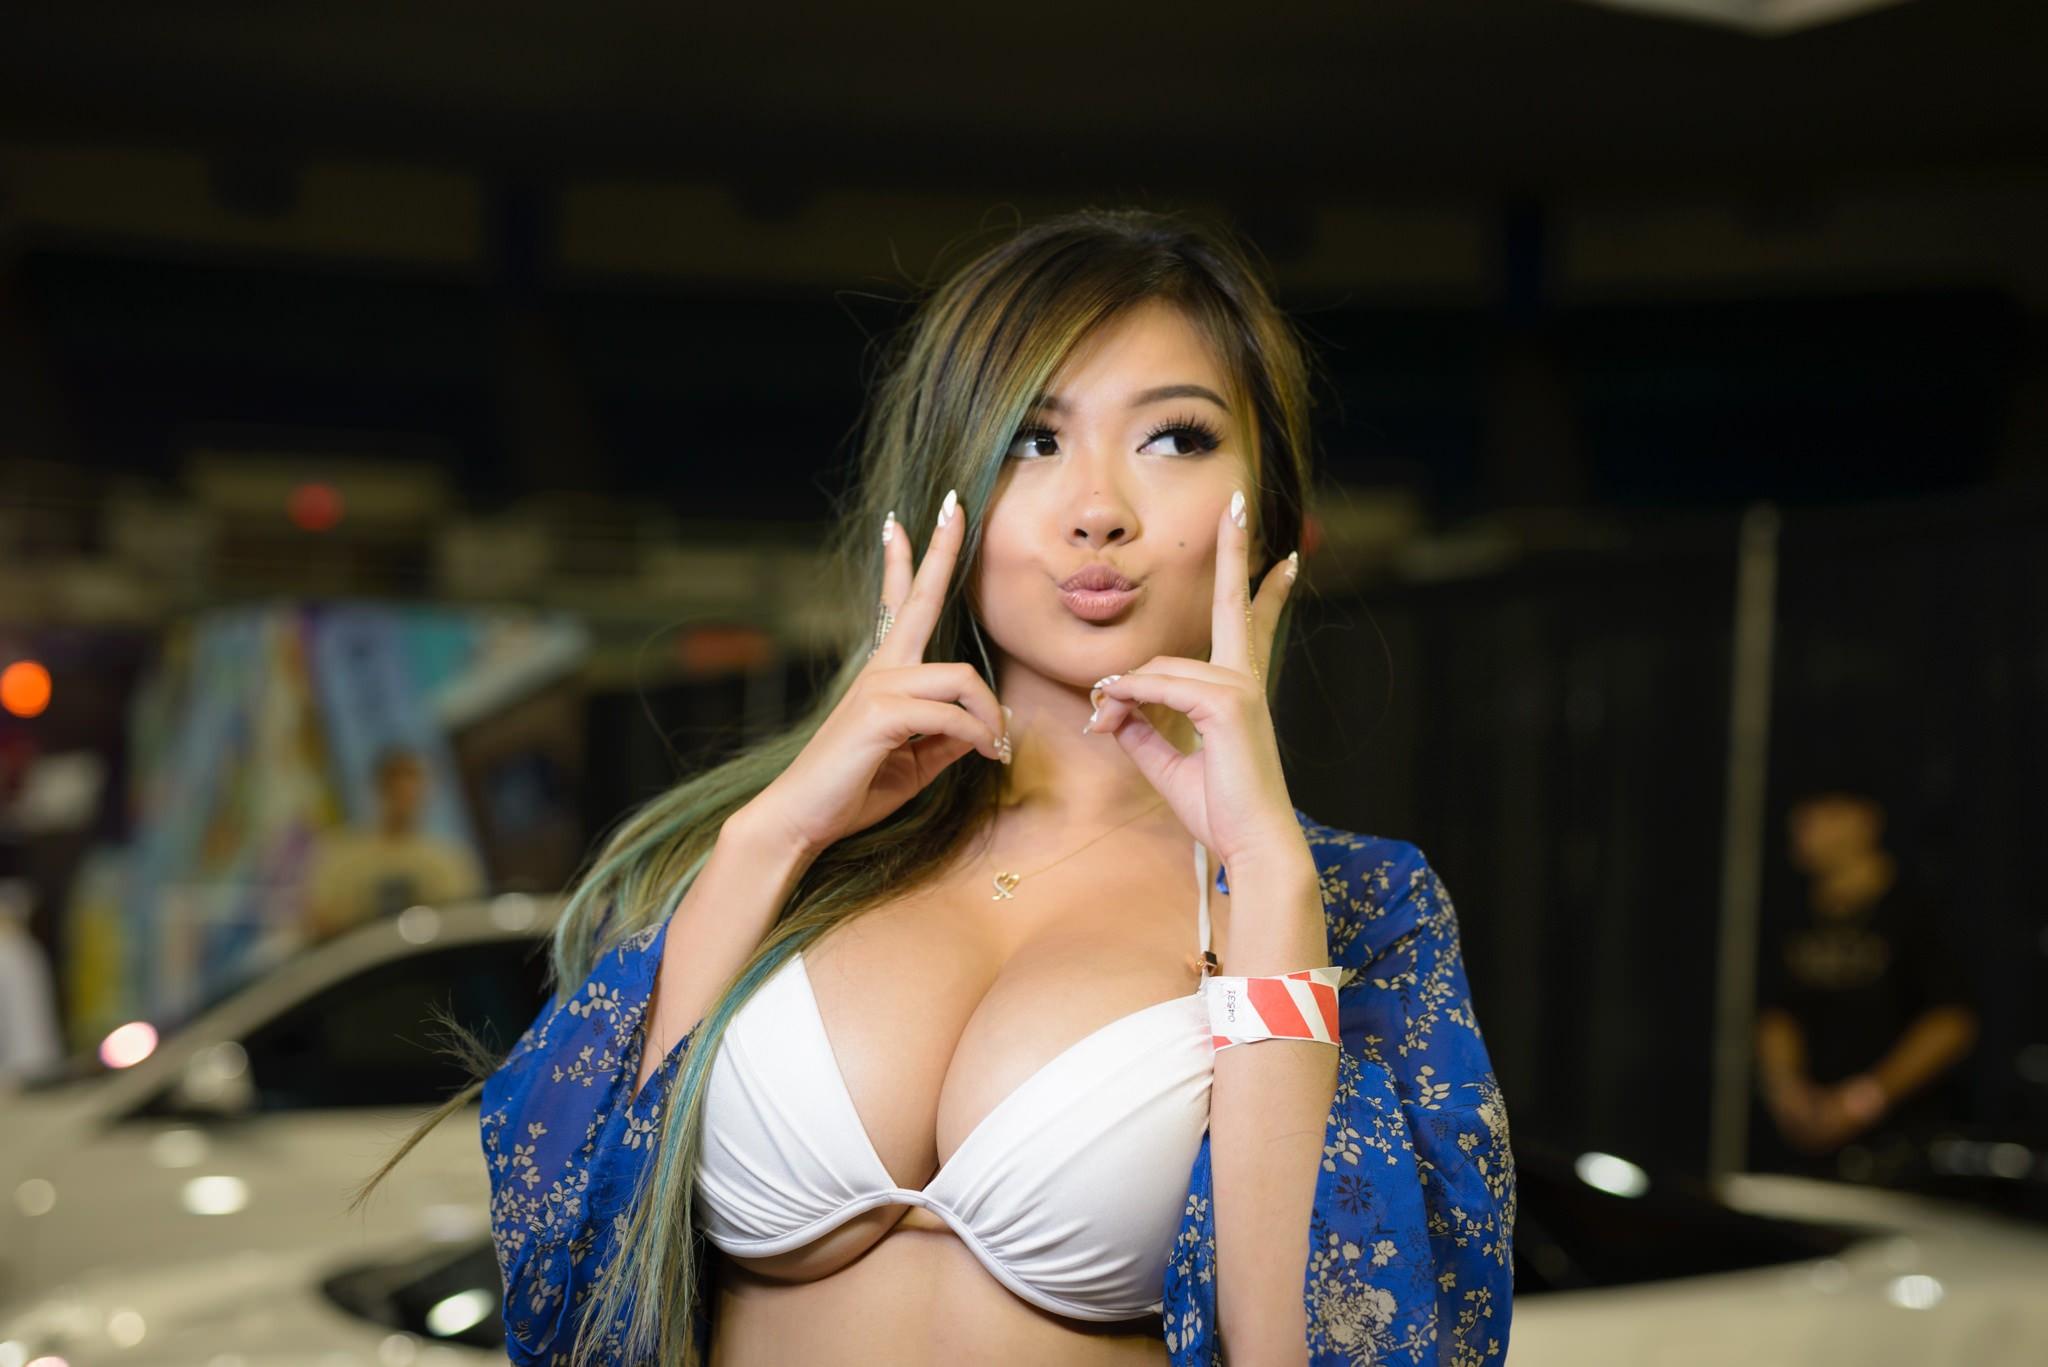 Her Bikini Off